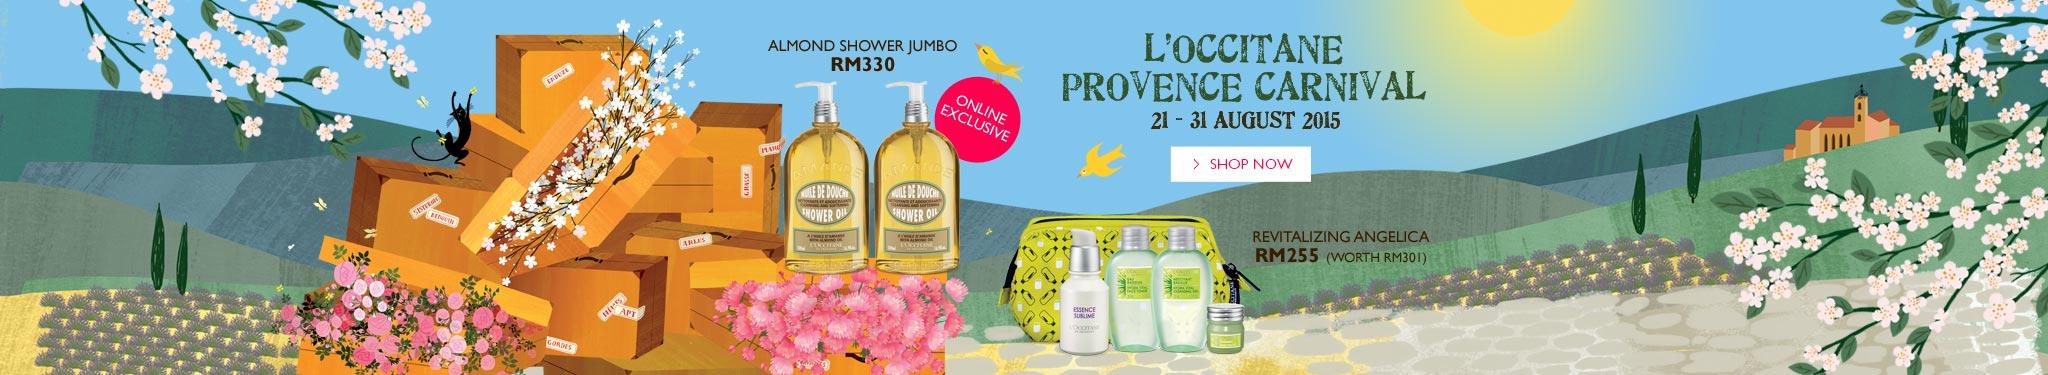 L'OCCITANE Provence Carnival